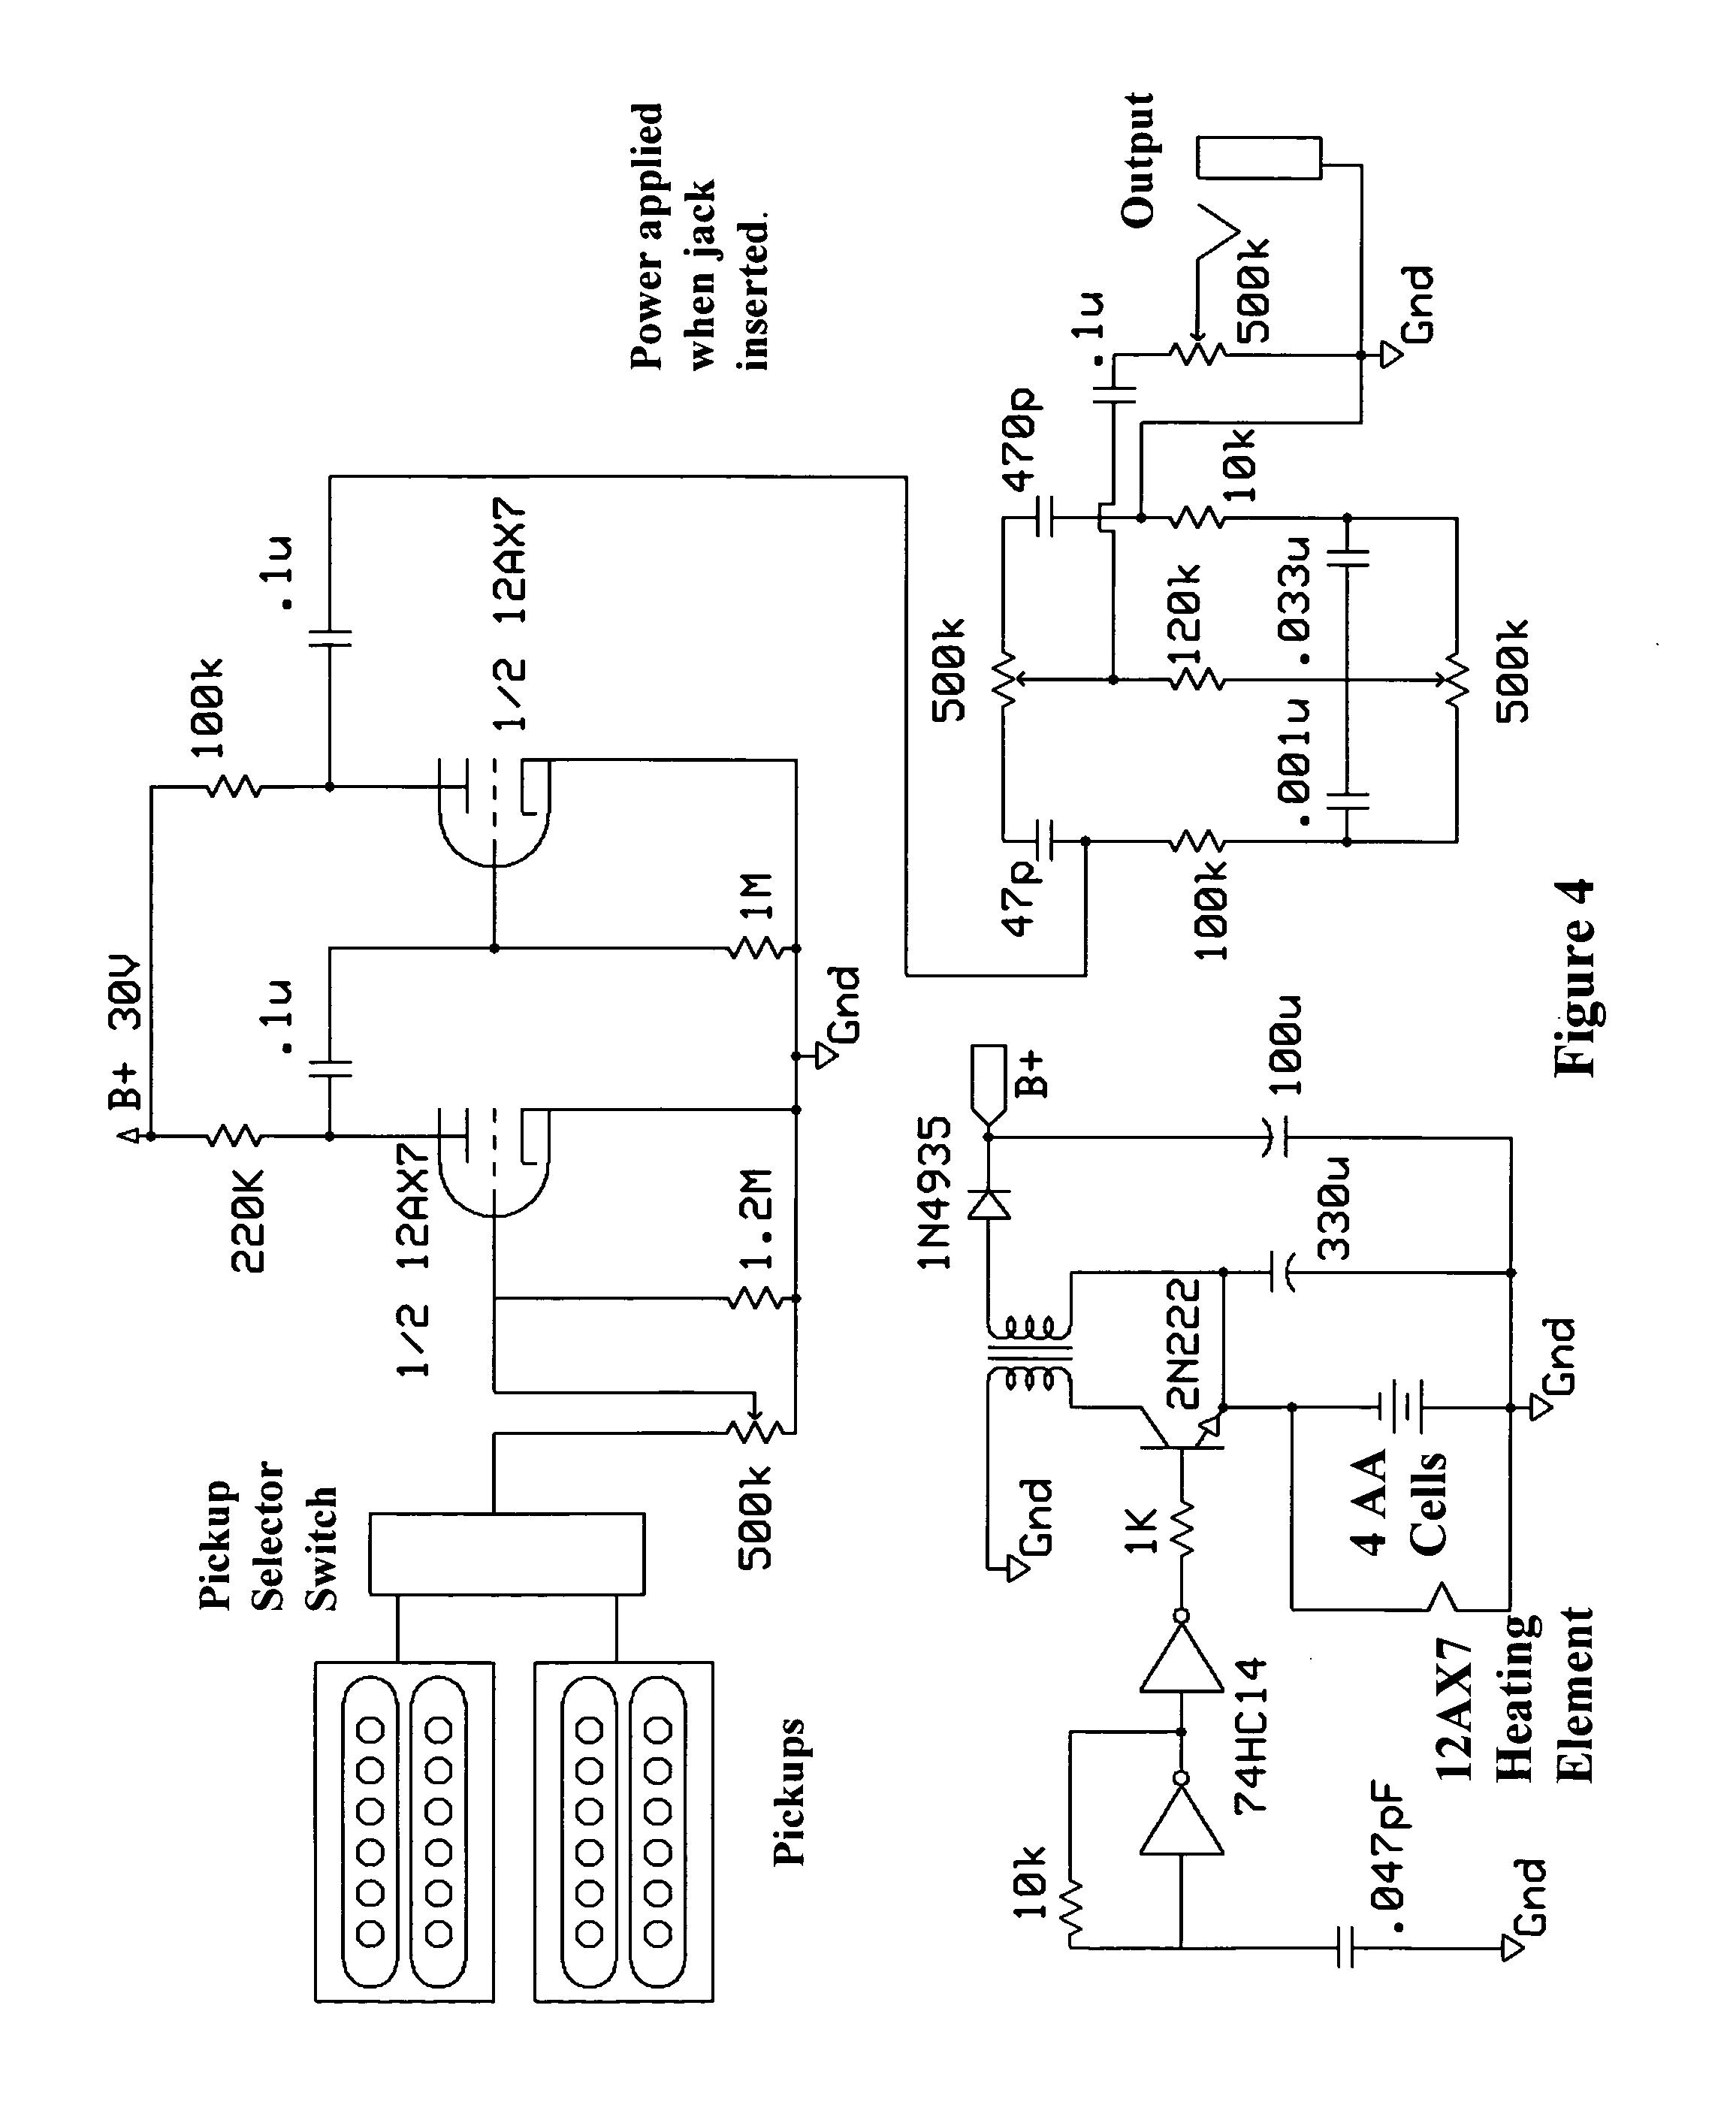 acoustic guitar jack wiring diagram imageresizertool com Acoustic Guitar  Laying in Grass Acoustic Guitar Tools